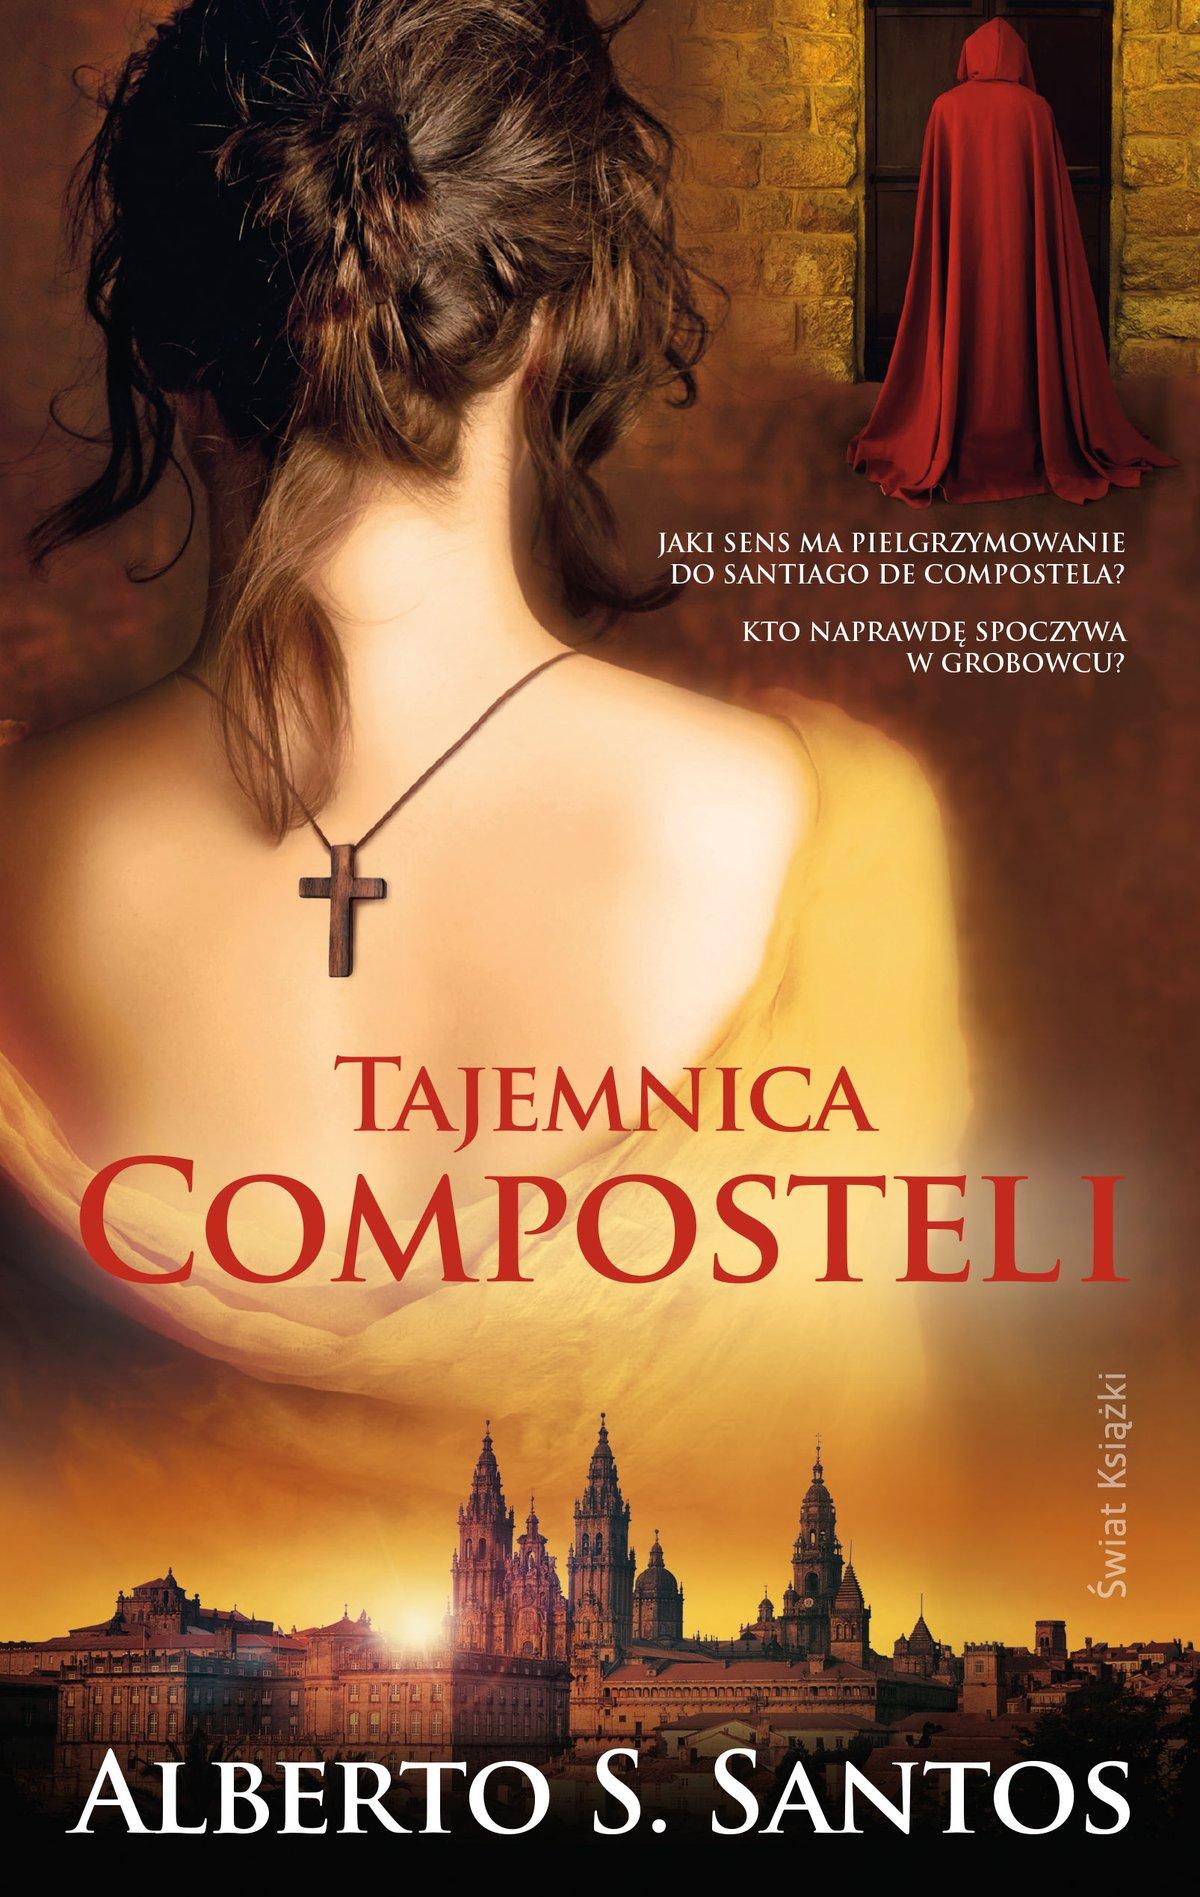 Tajemnica Composteli - Ebook (Książka EPUB) do pobrania w formacie EPUB